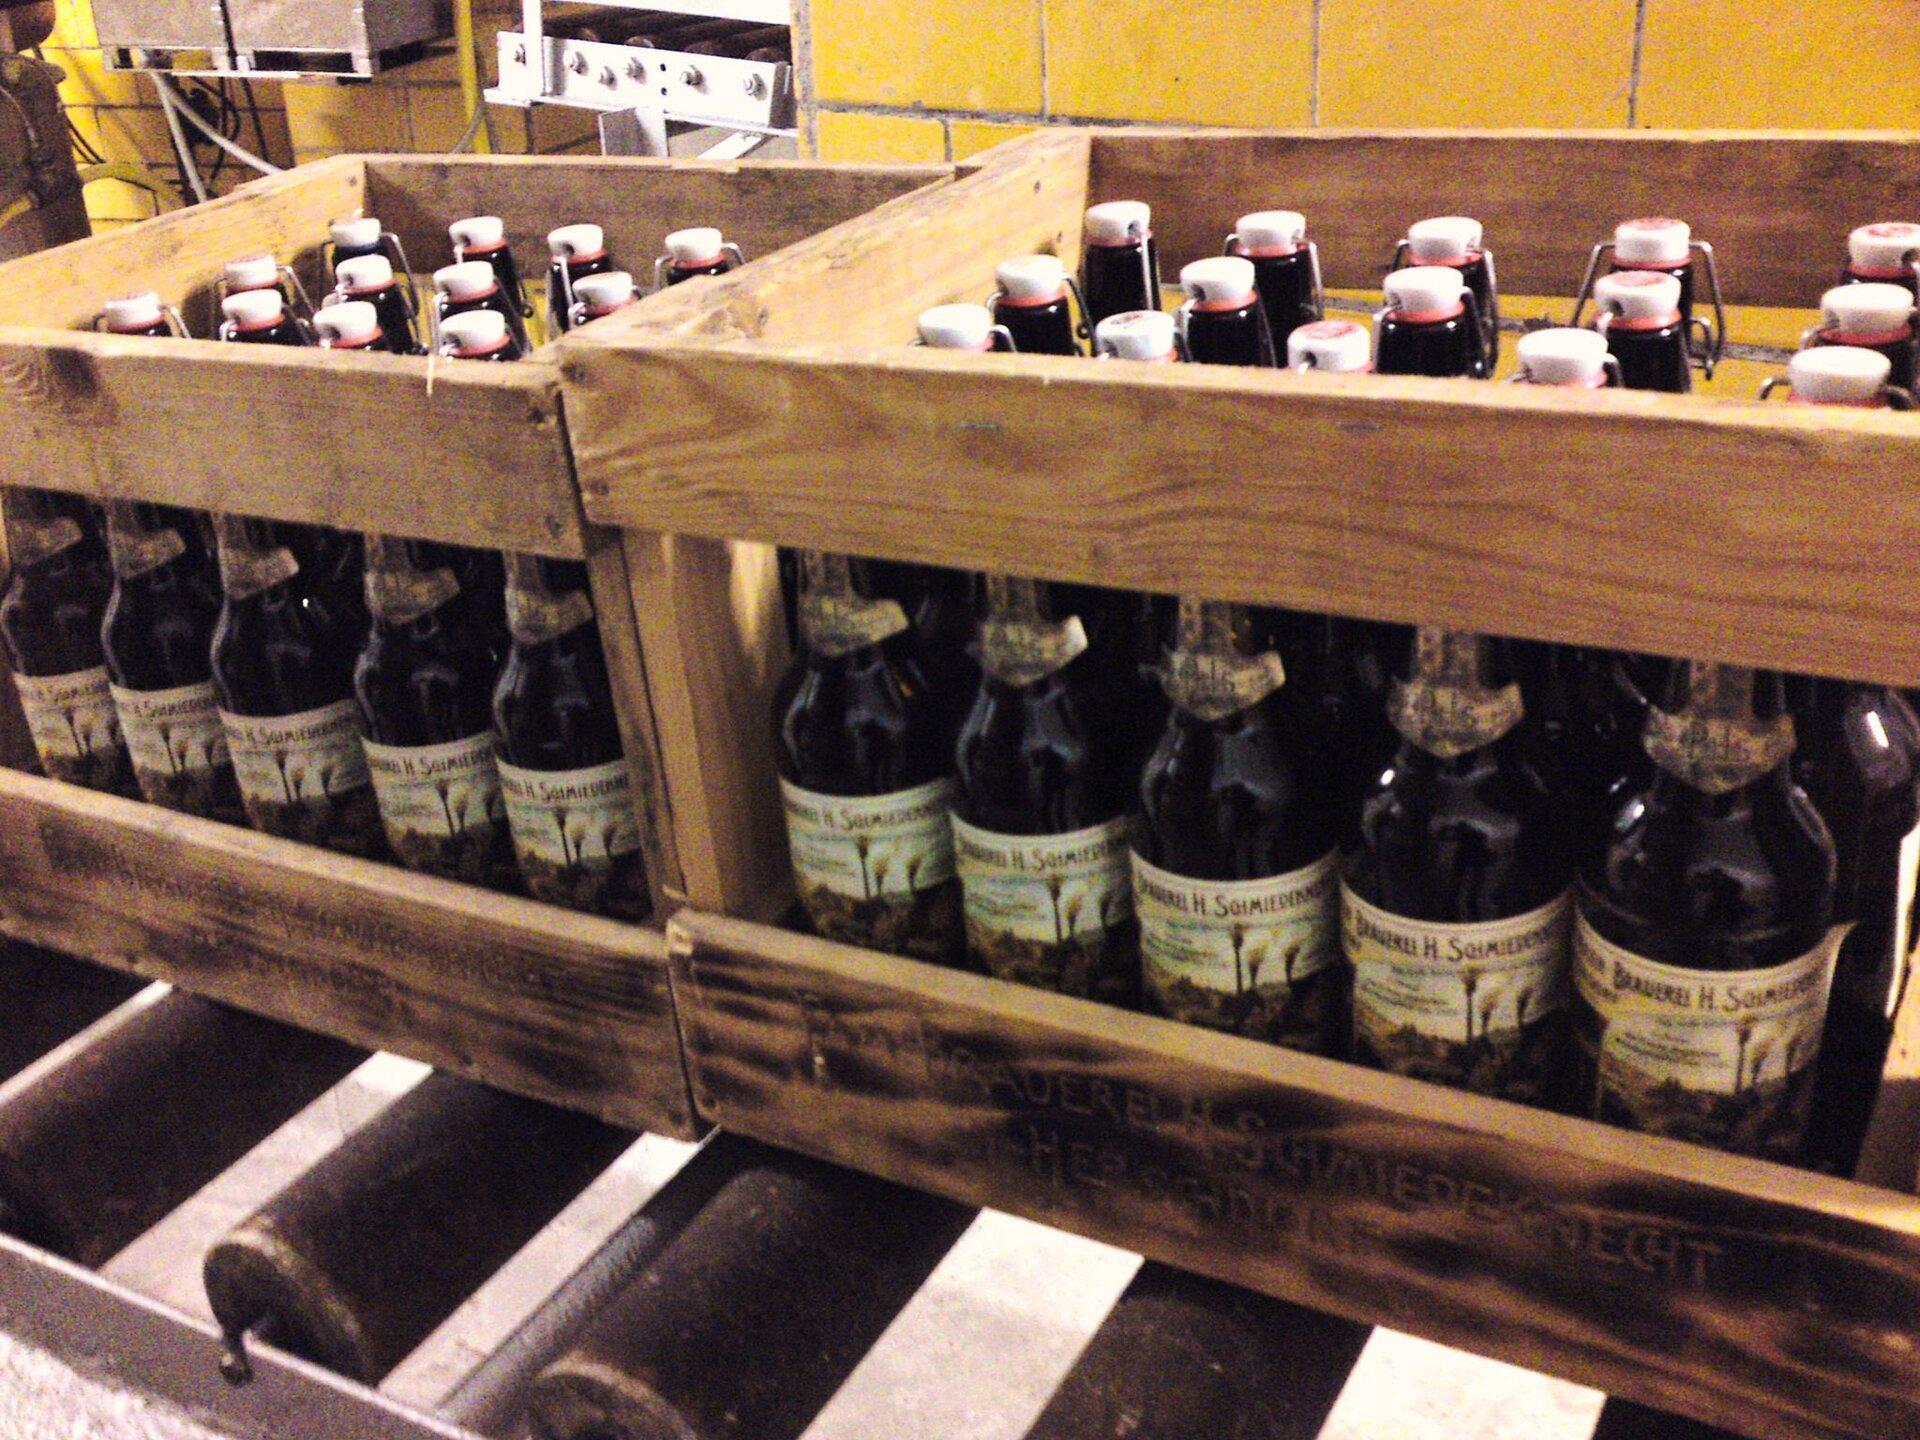 Bier der Brauerei Schmiedeknecht